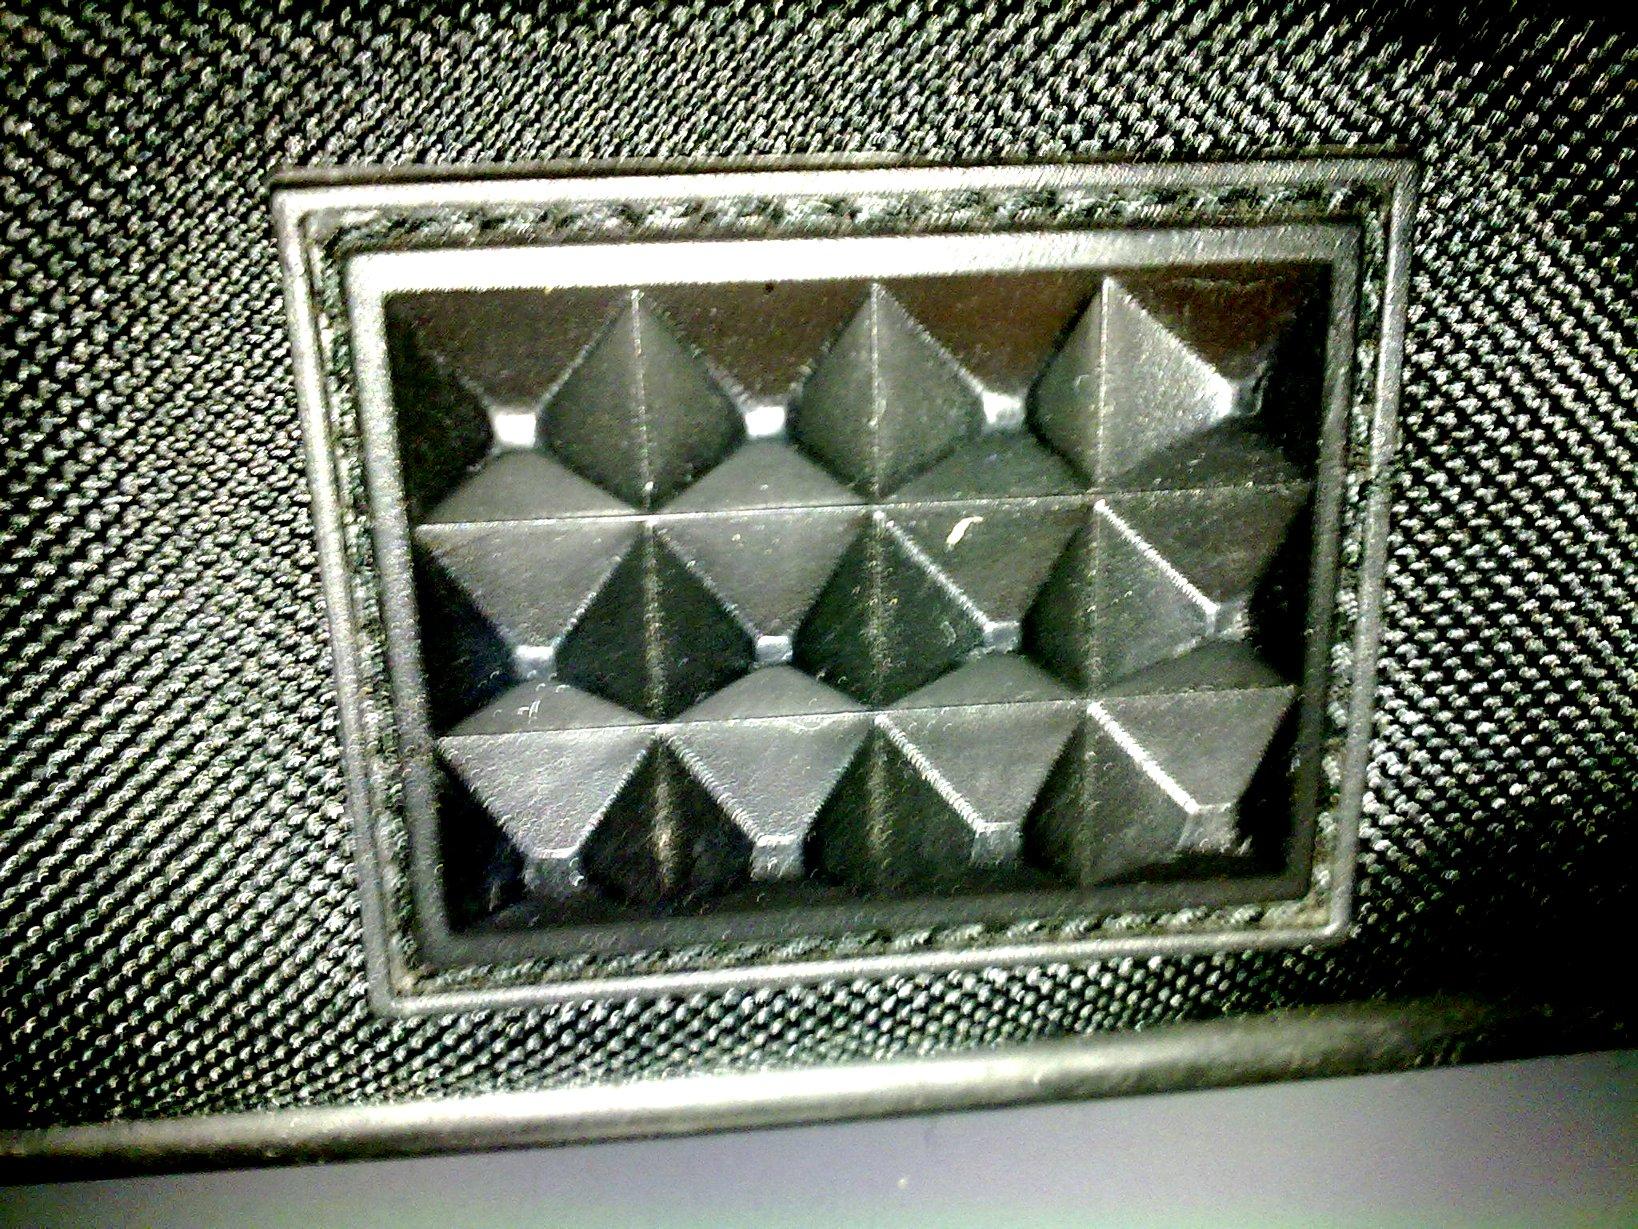 Patas del maletín del portátil